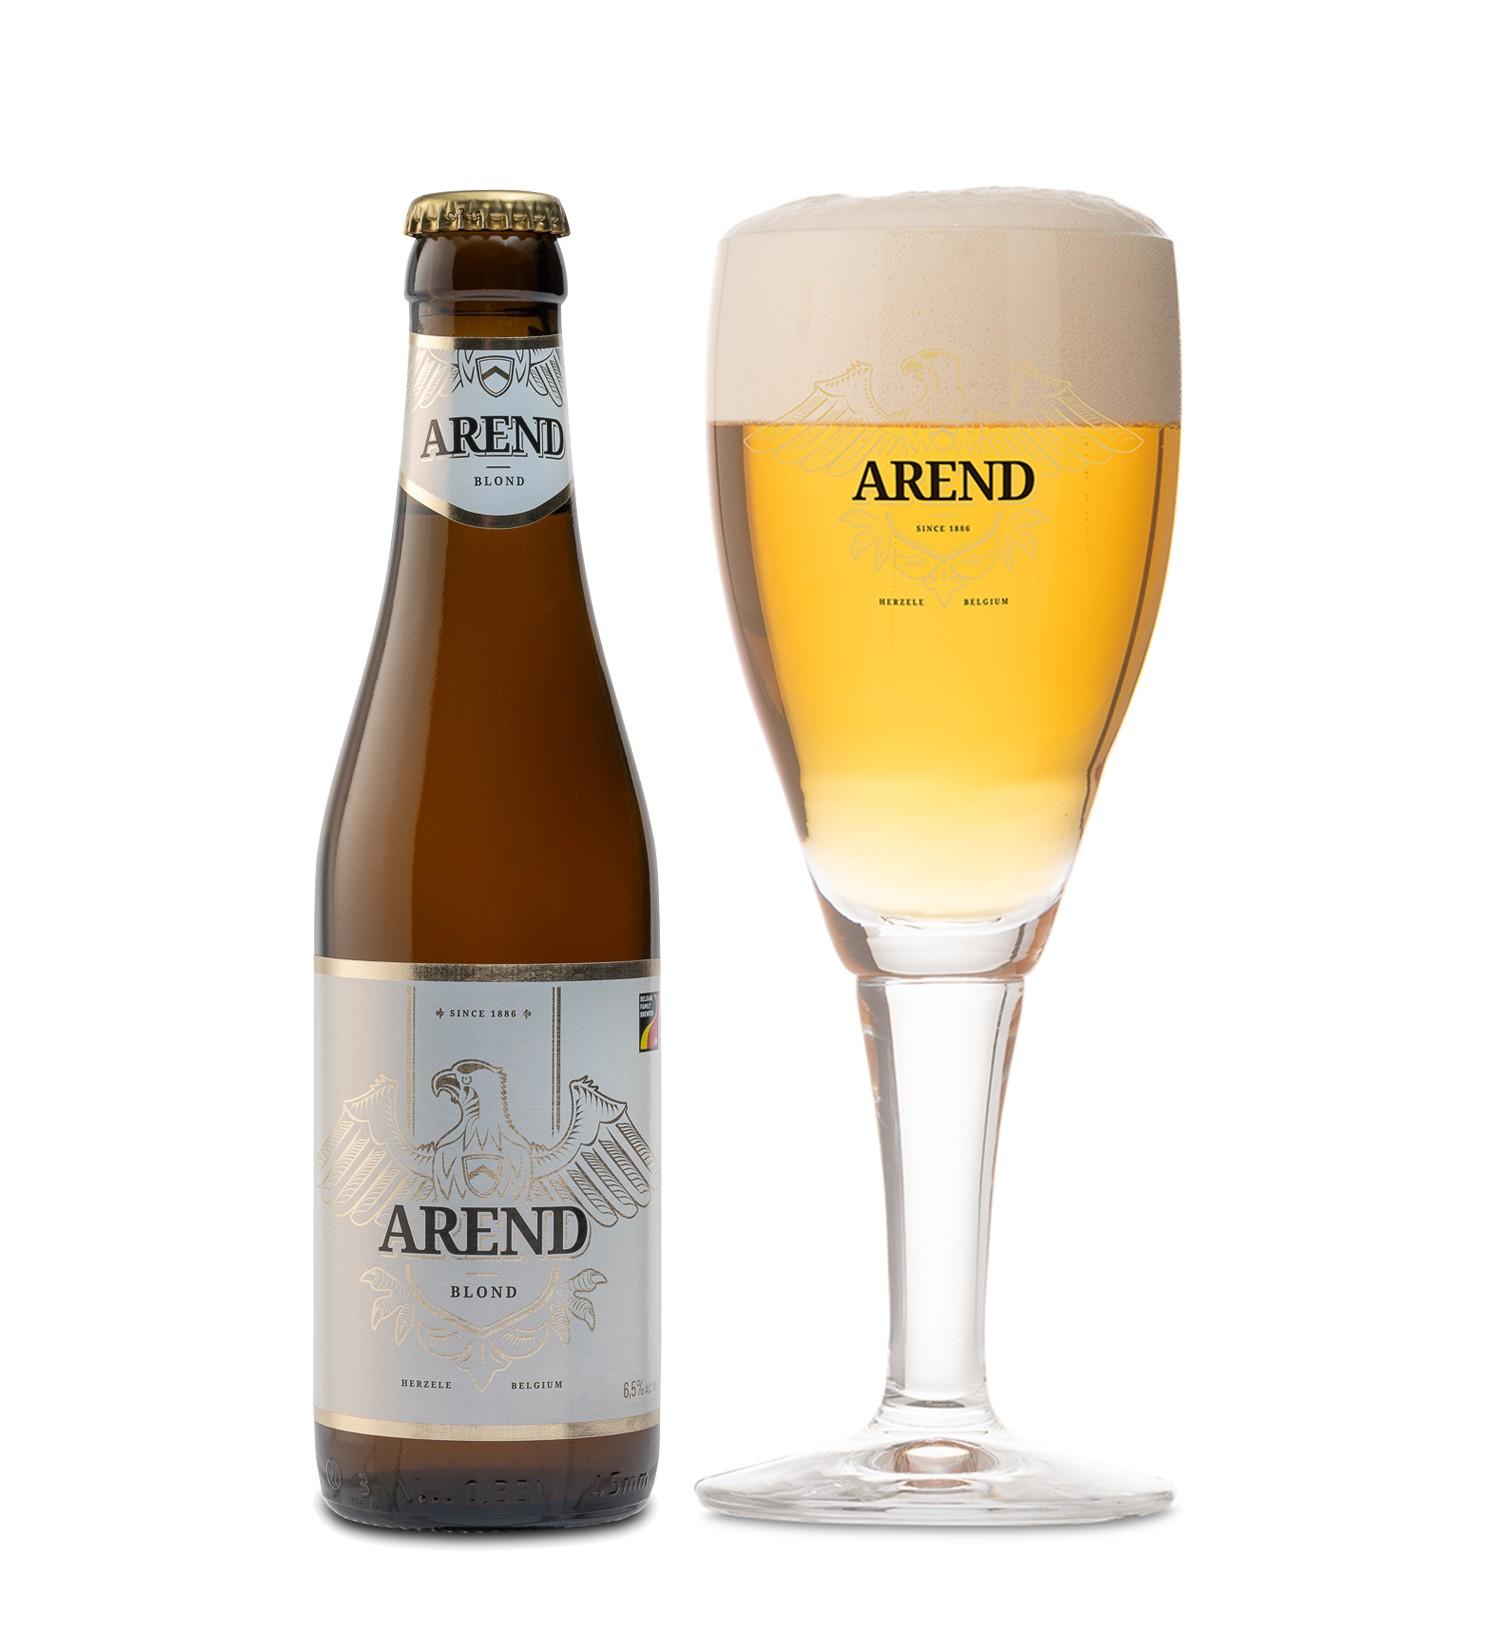 degre d alcool dans une biere blonde